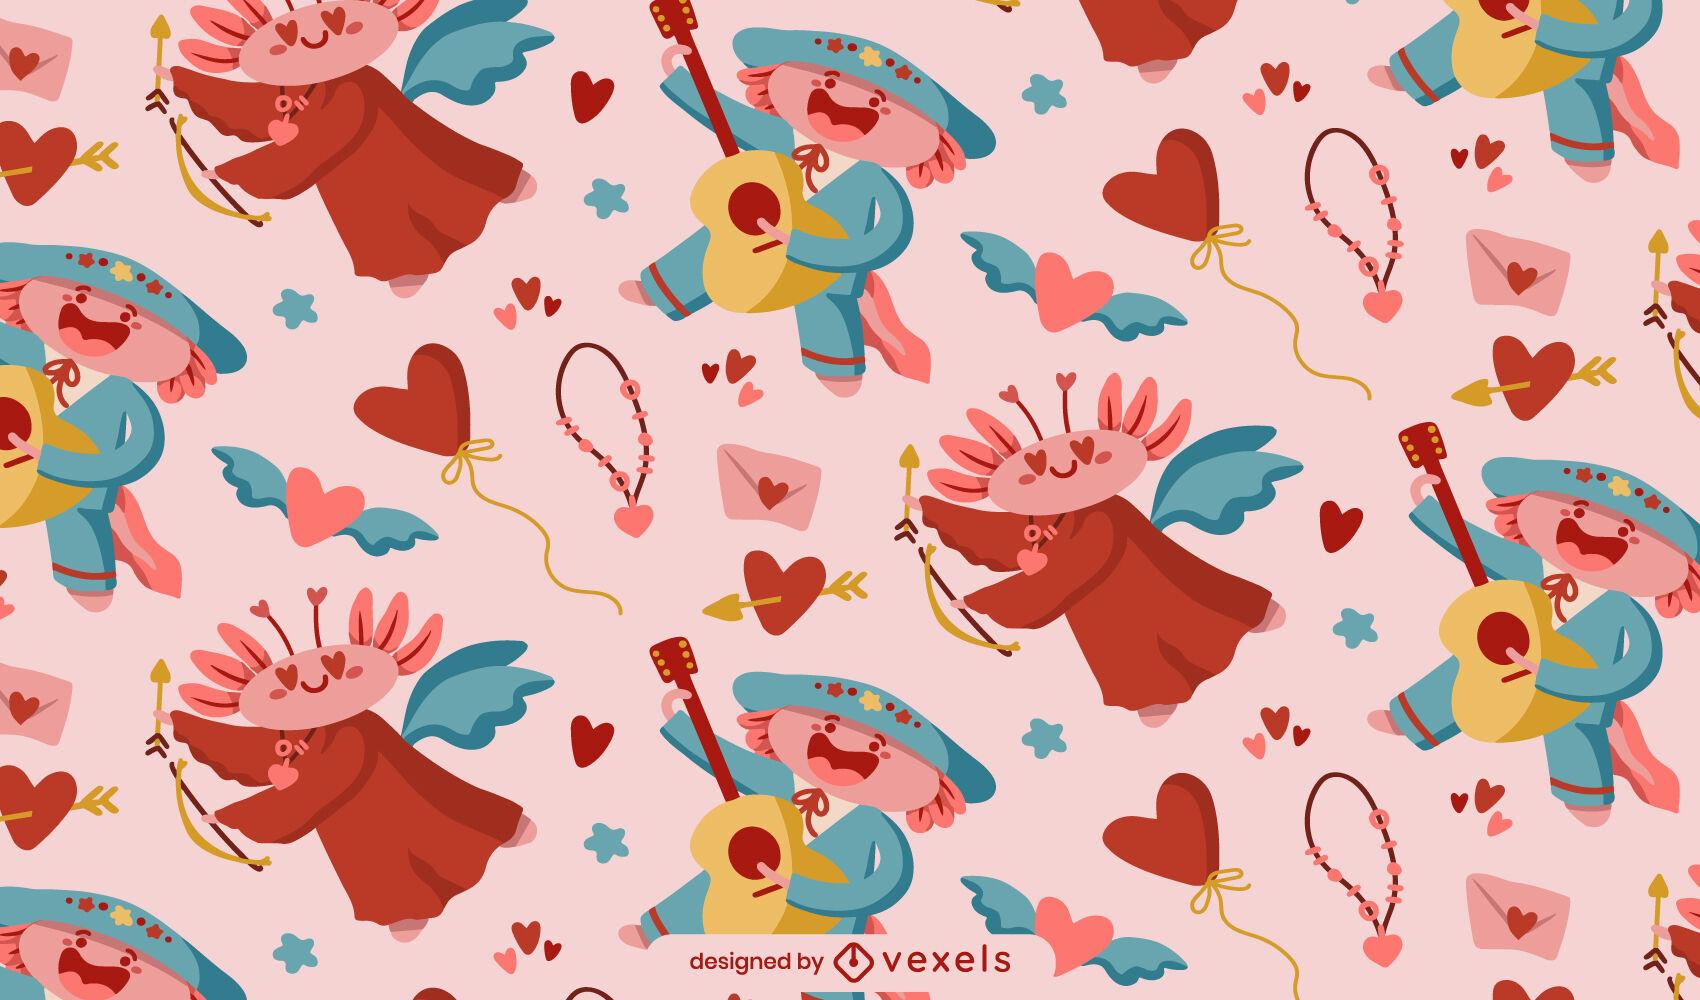 Axolotl love characters cute pattern